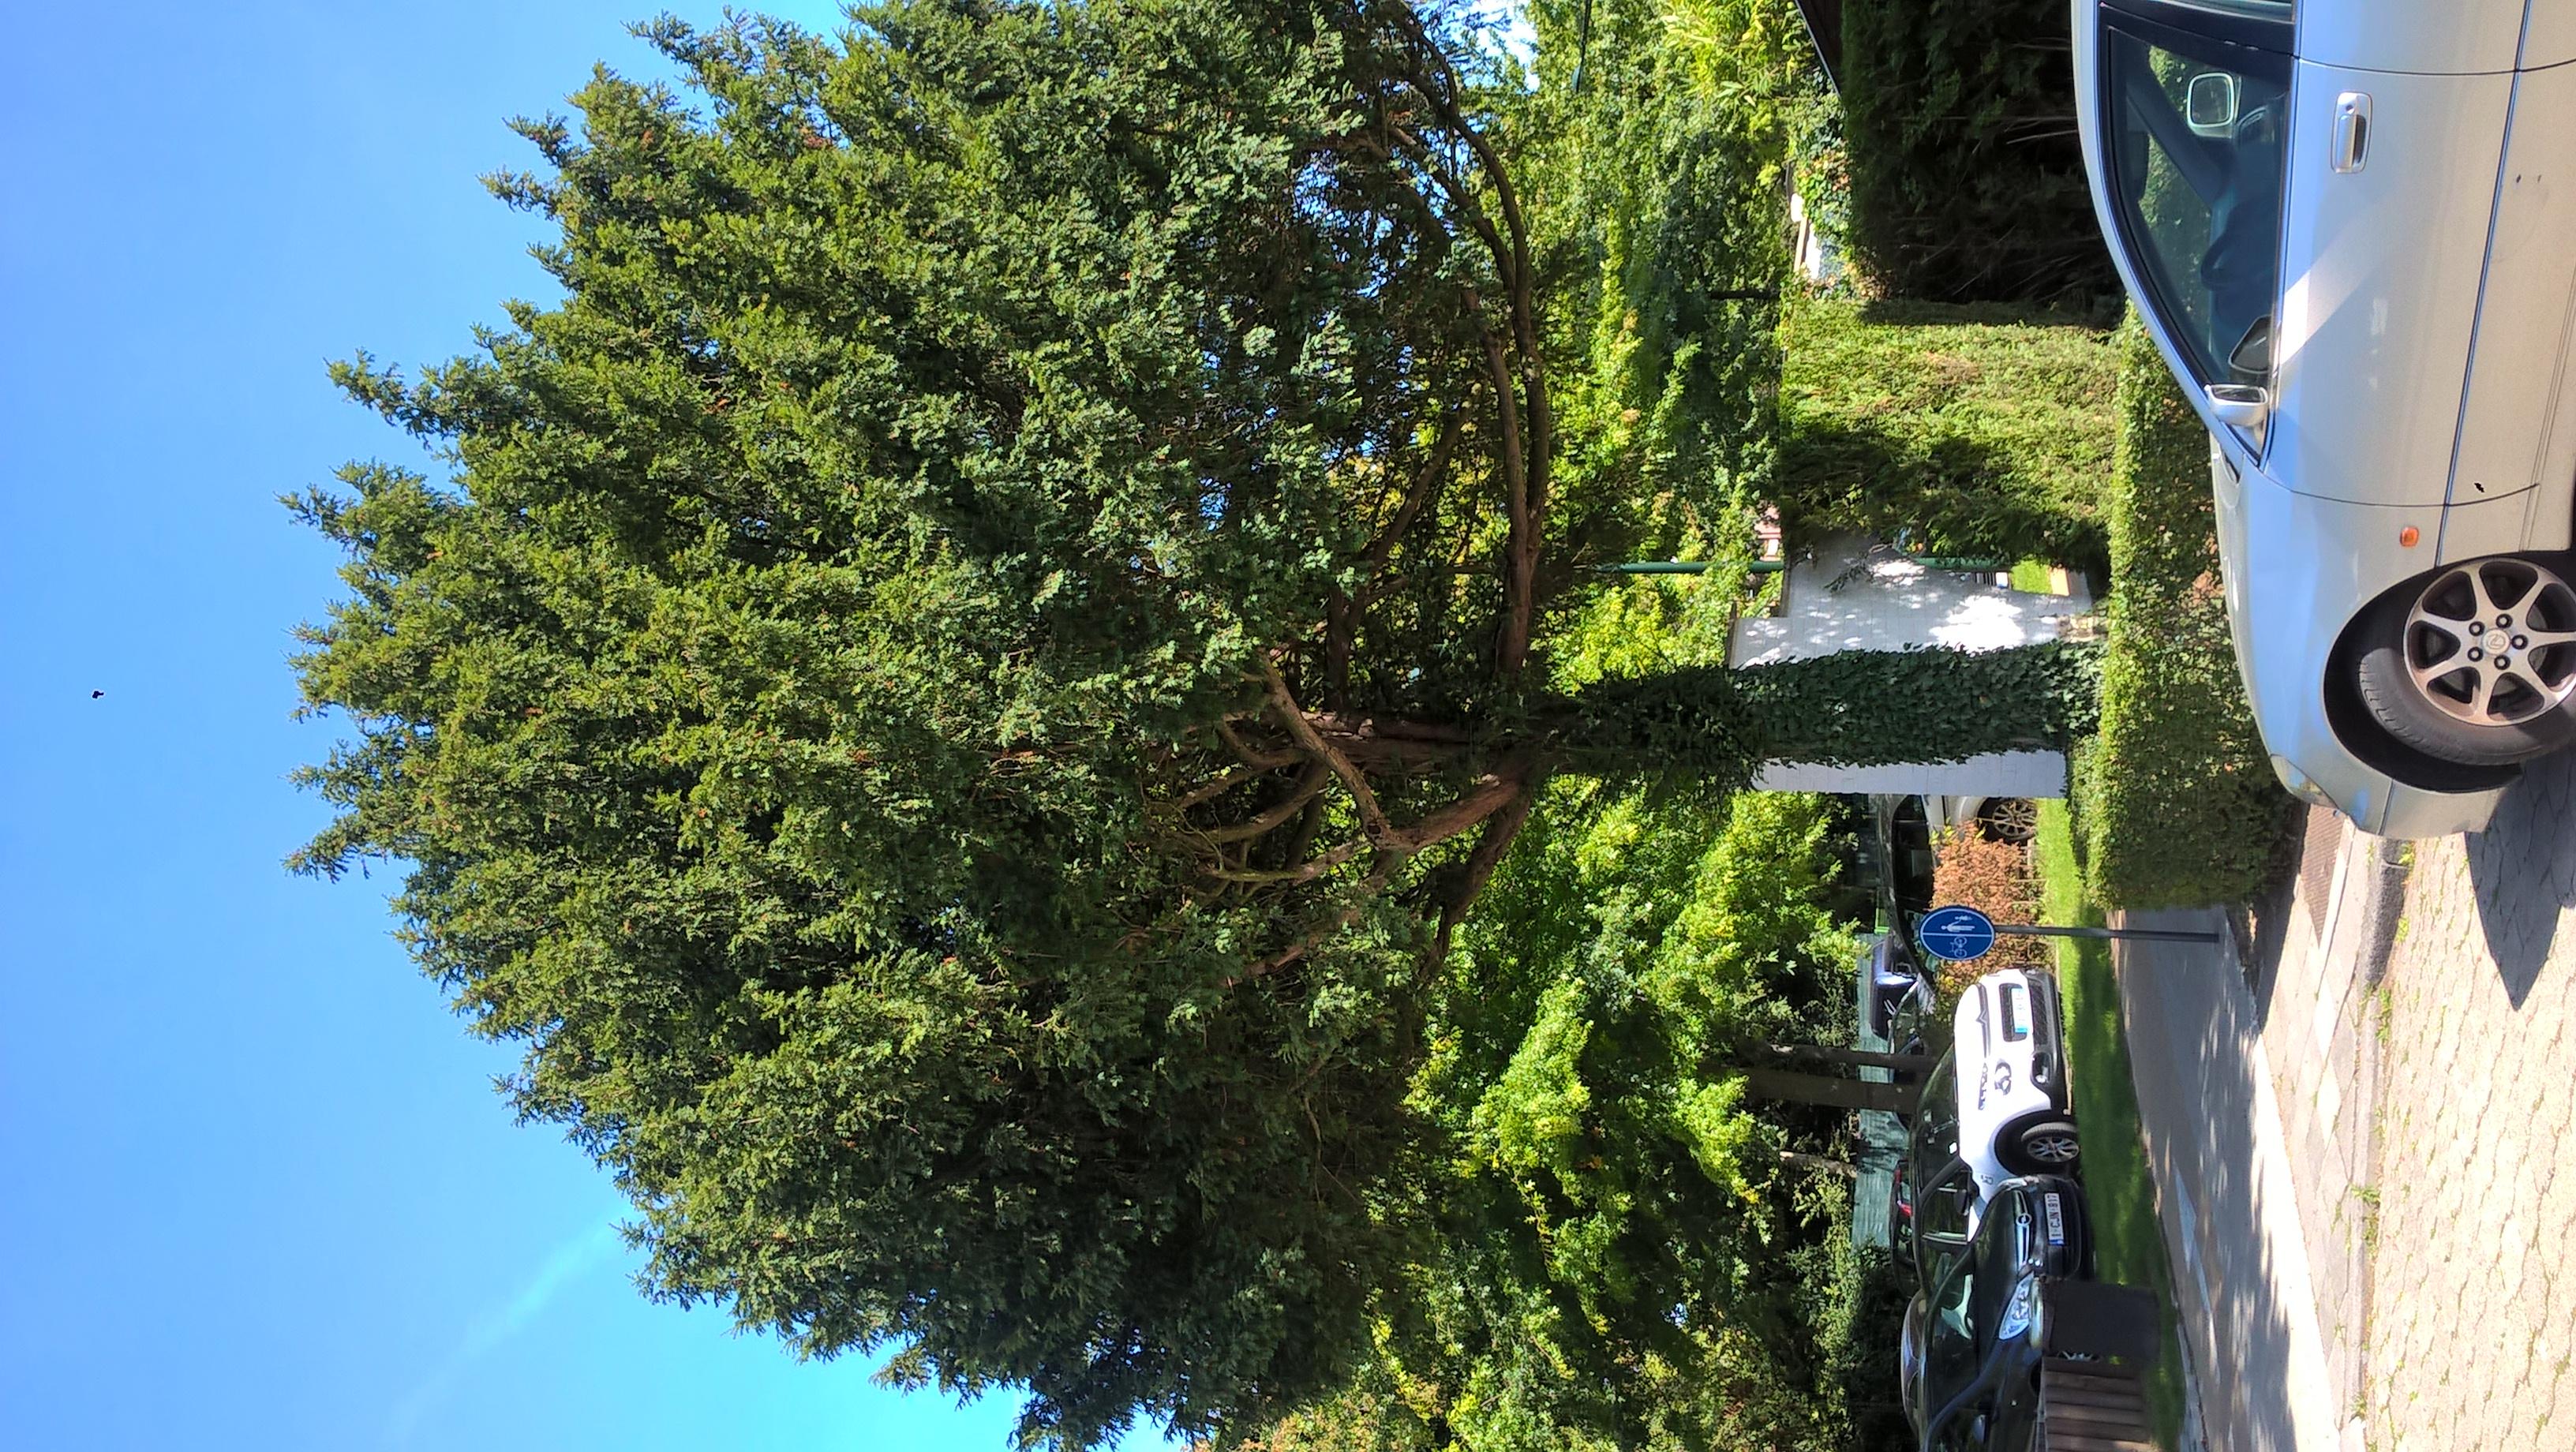 Venijnboom – Ukkel, Van Beversquare, 61 –  11 September 2018